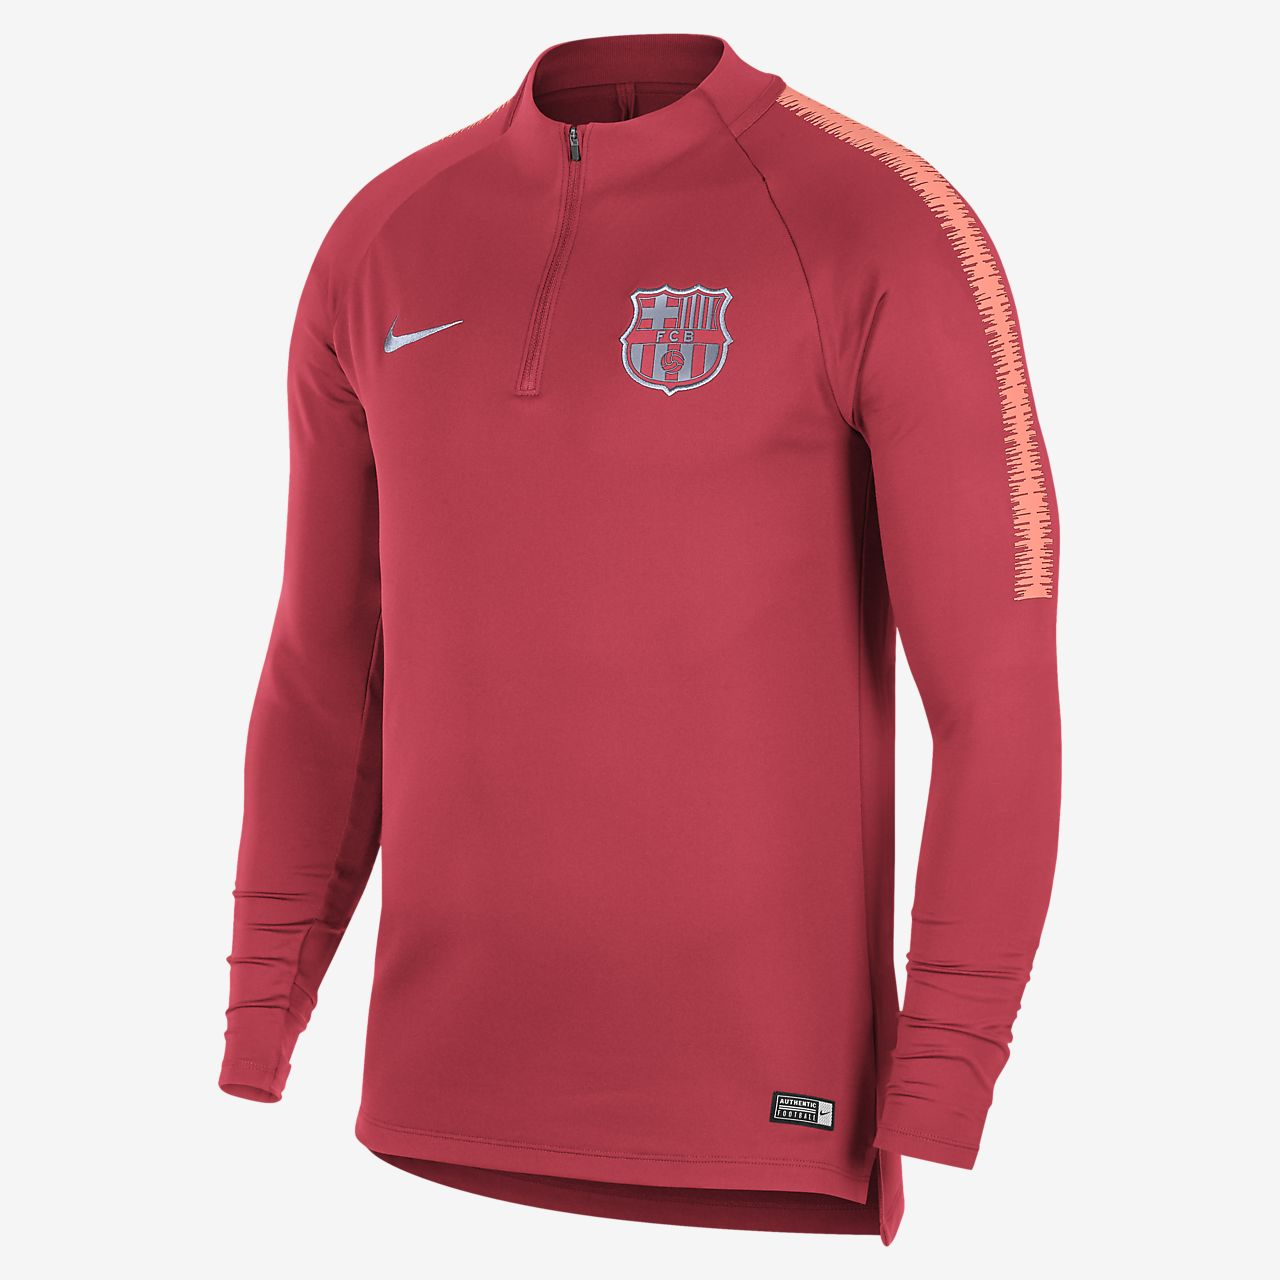 Dri Manga De Fútbol Squad Barcelona Larga Fc Fit Drill Camiseta 7wvBHgq